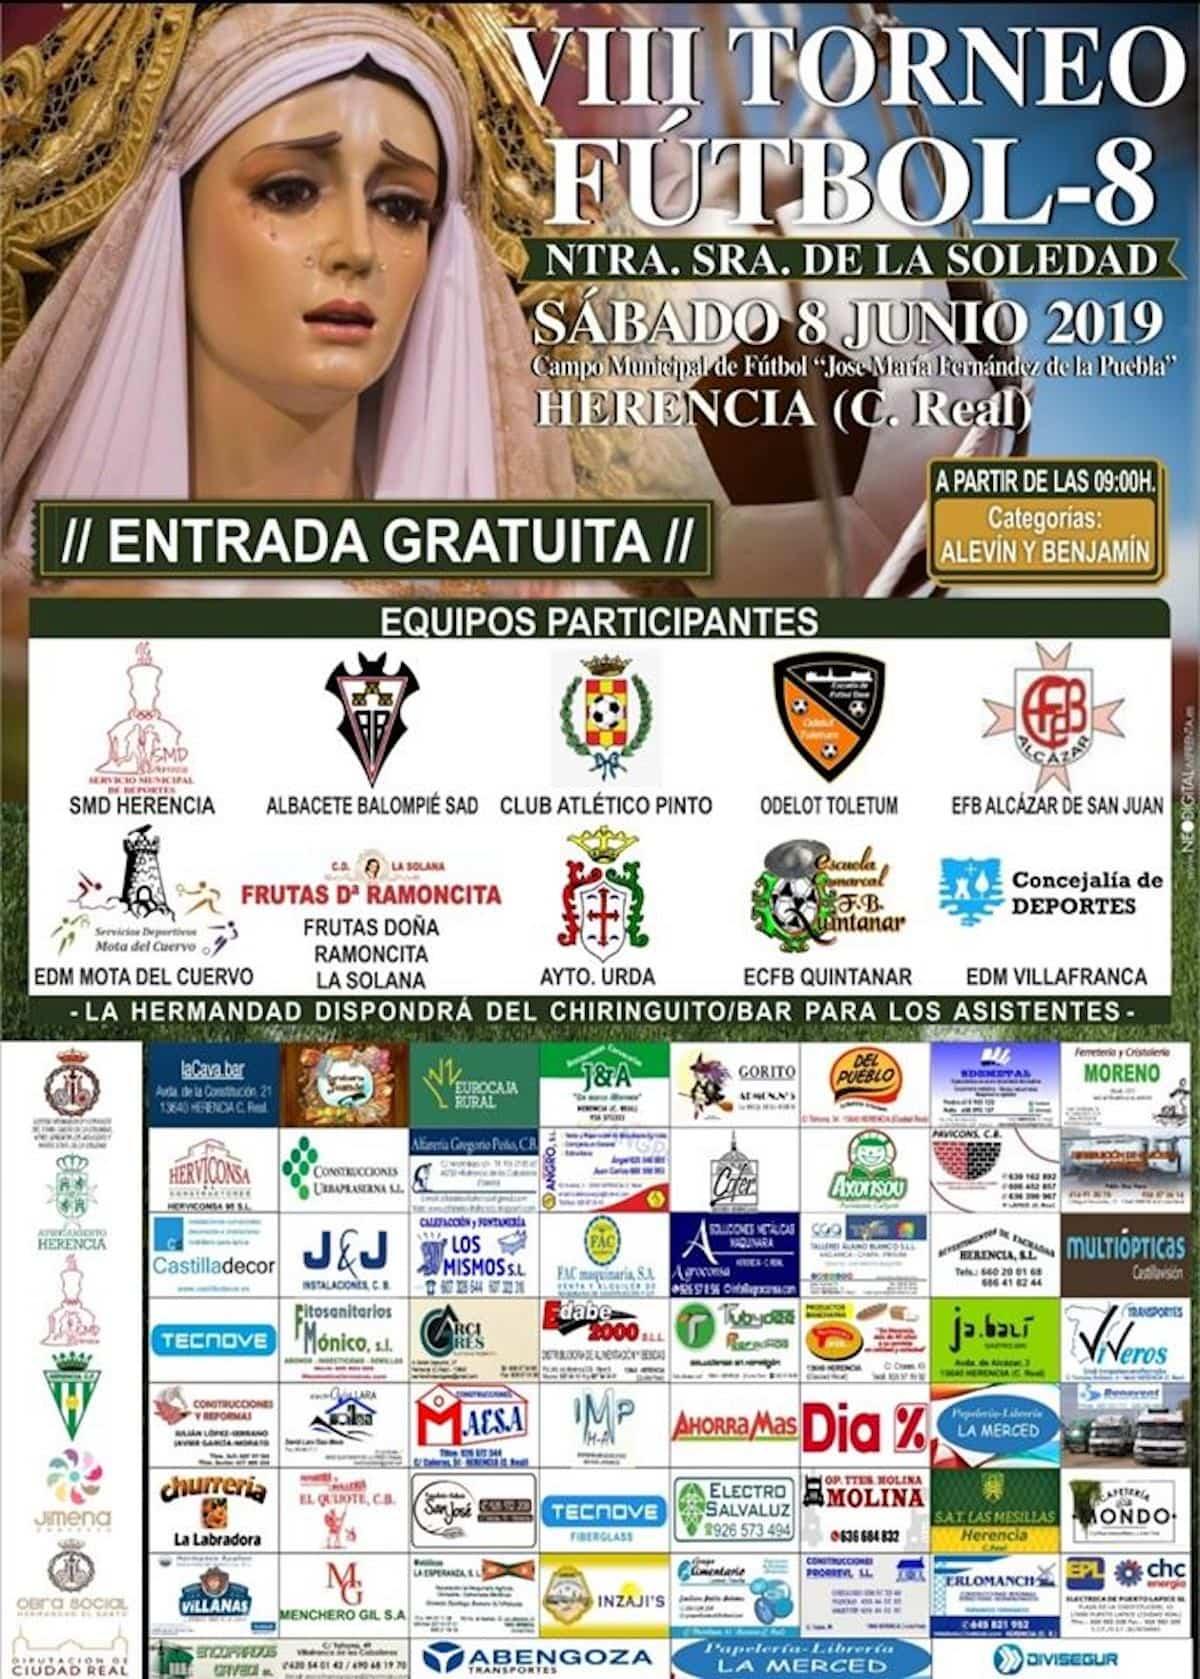 """VIII torneo futbol 8 herencia cartel - Más de 300 chavales se dieron cita en el VIII Torneo de Fútbol-8 """"Virgen de la Soledad"""""""